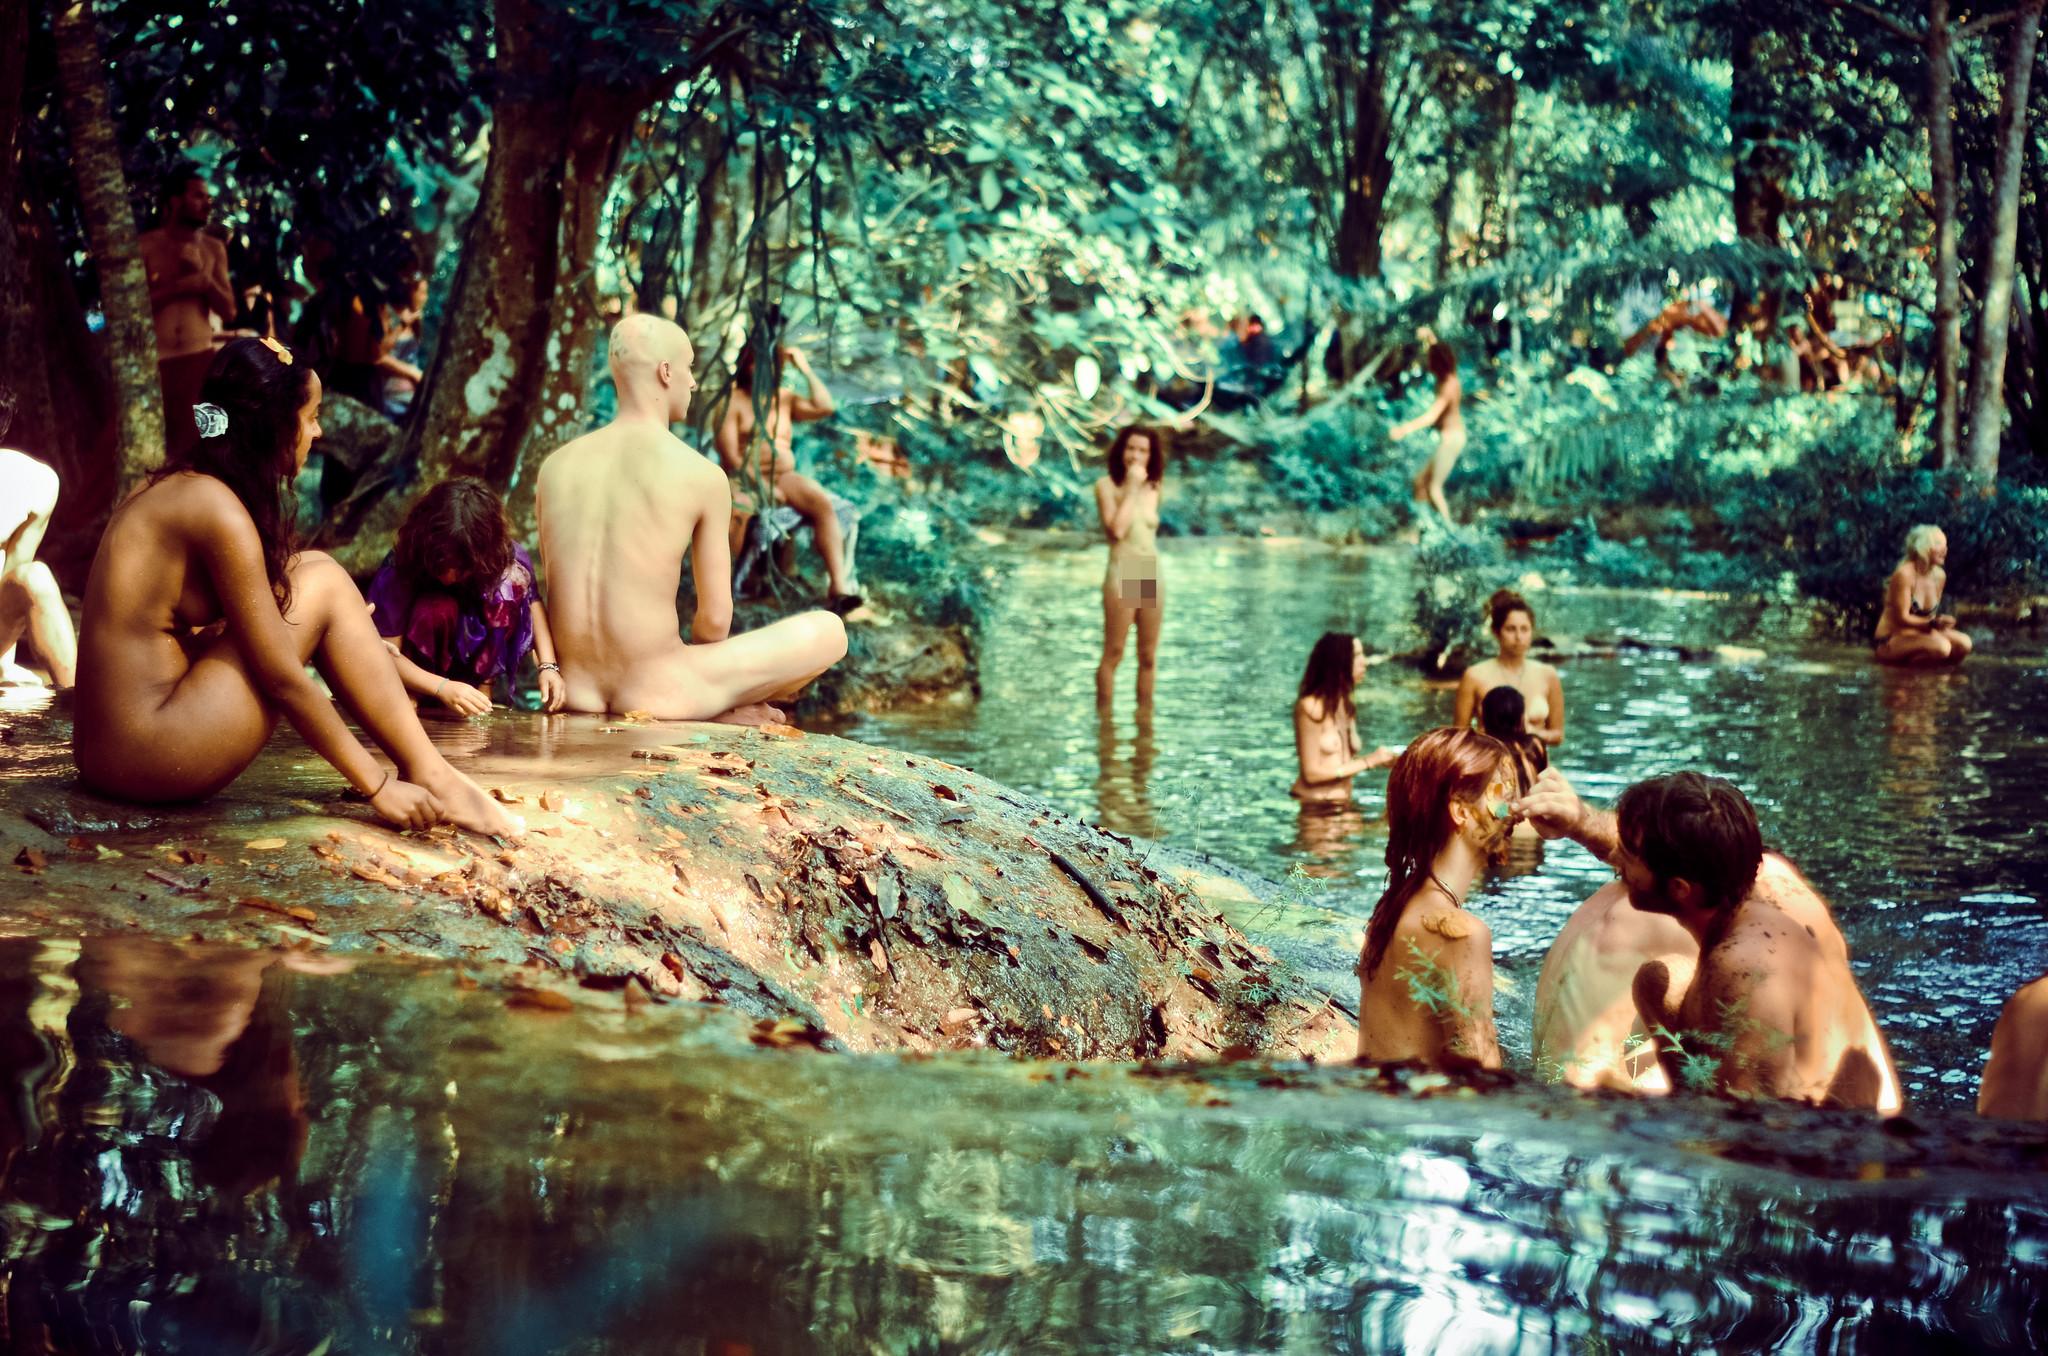 嬉皮士的彩虹天堂:躶体主义者森林共生